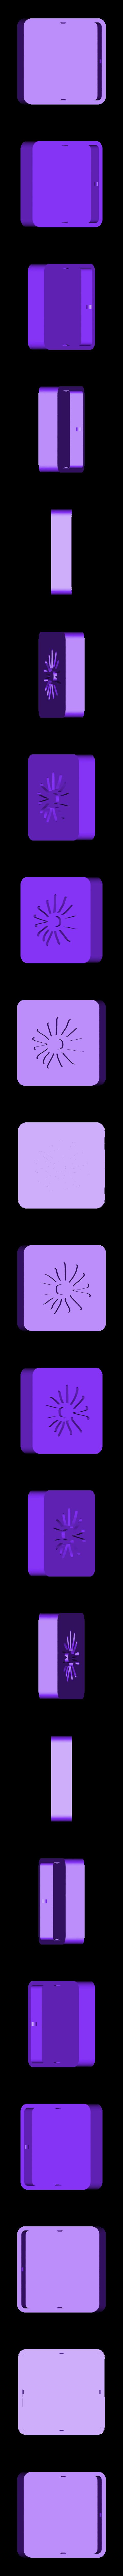 cover_star.stl Télécharger fichier STL gratuit small boxes with coloured insert • Plan pour impression 3D, cyrus